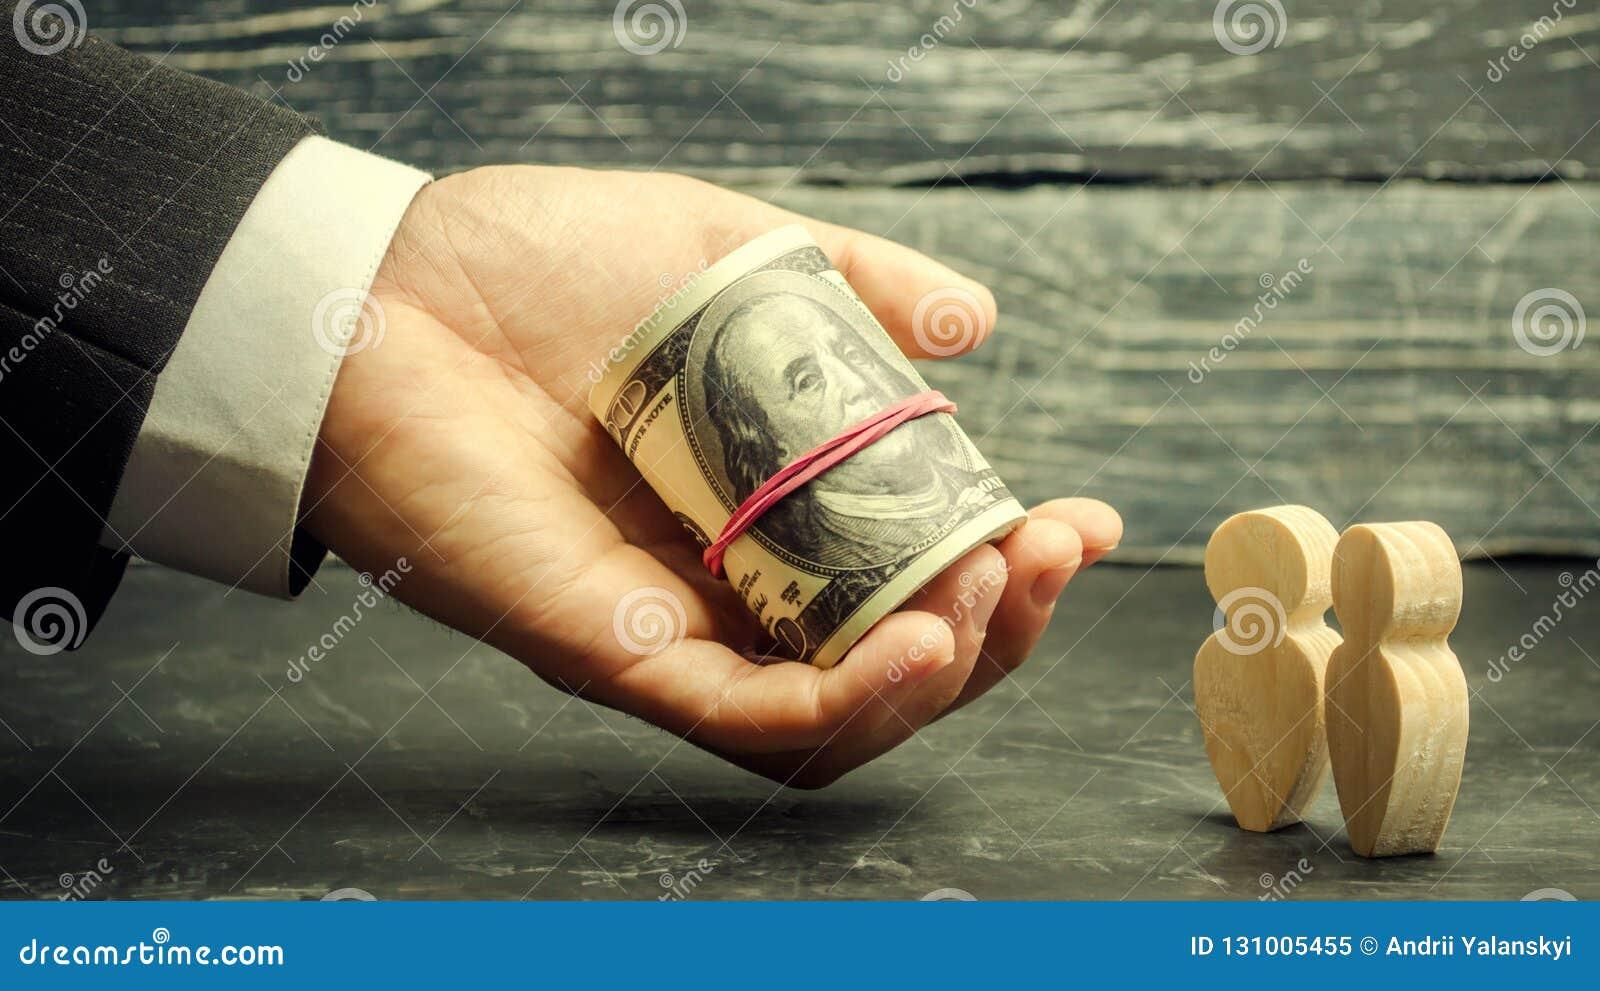 Pożyczać biznes Konsumpcyjny pożyczanie Kredyty dla edukacji Zapłata emerytury Fundusz emerytalny Ogólnospołeczne zapłaty Wspiera